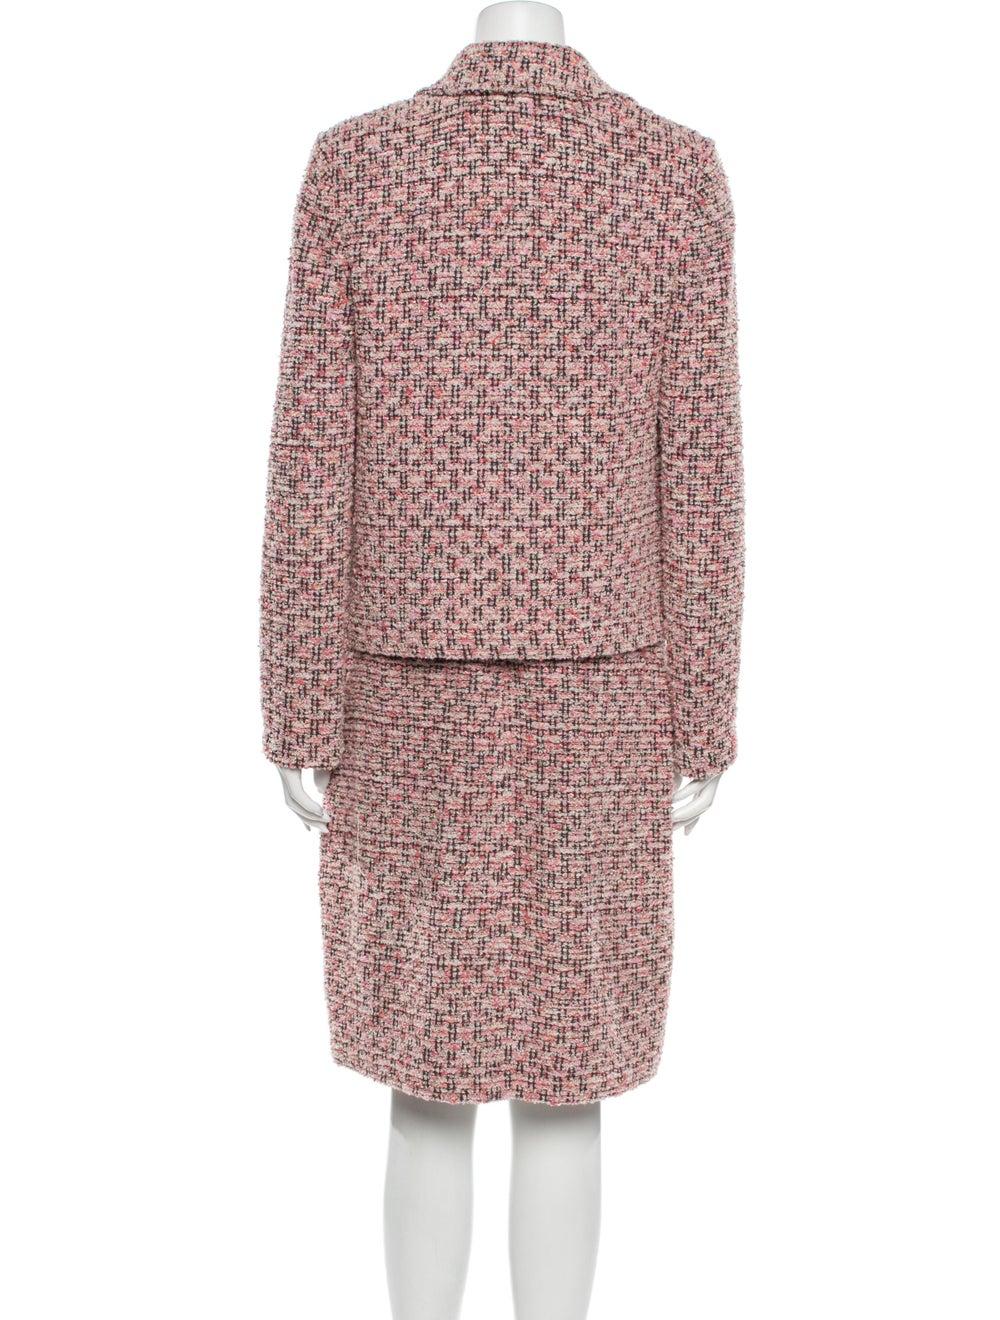 St. John Tweed Pattern Dress Set Pink - image 3